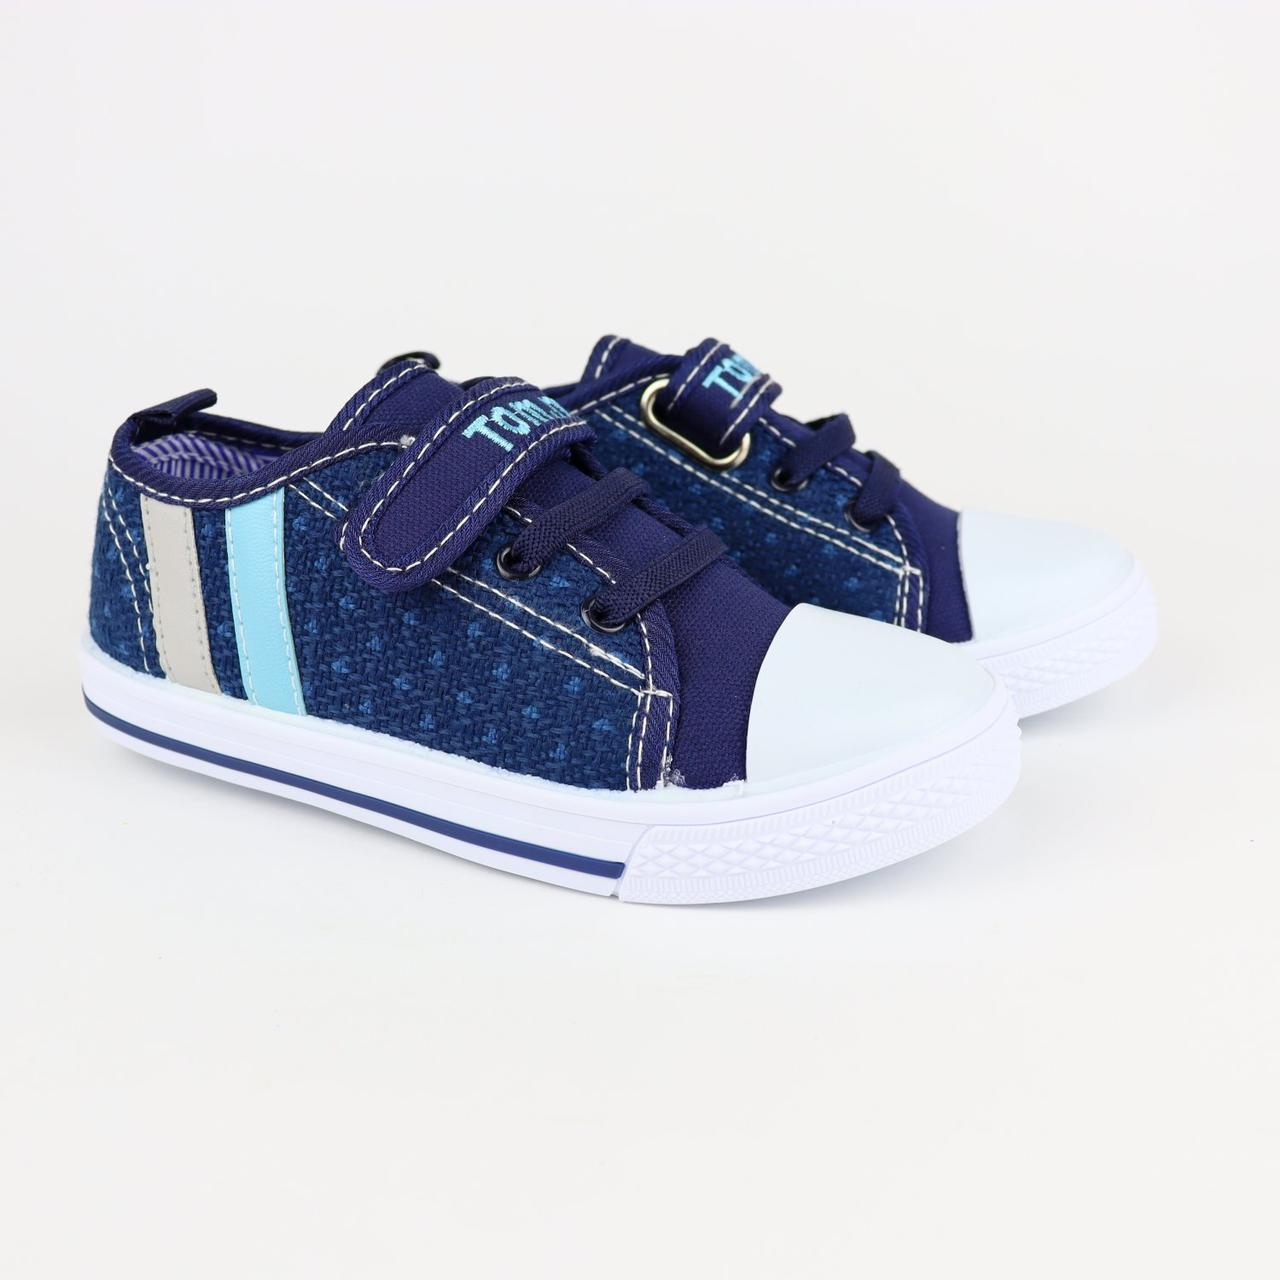 7297E Кеды мокасины на мальчика текстильная обувь Том.м размер 25,26,27,28,29,30